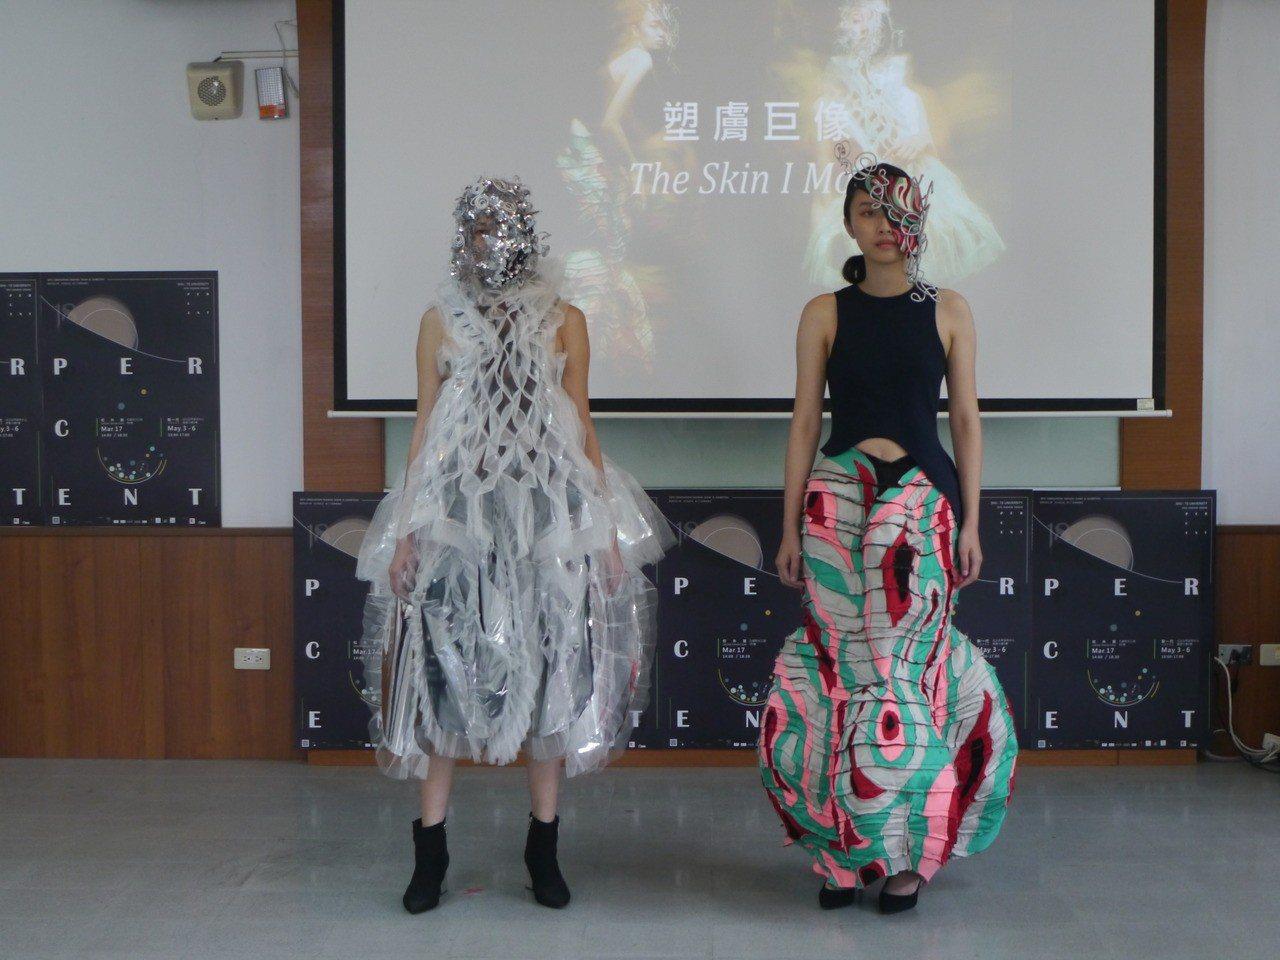 《塑膚巨像》表達心靈思想演變過程。 記者徐白櫻/攝影